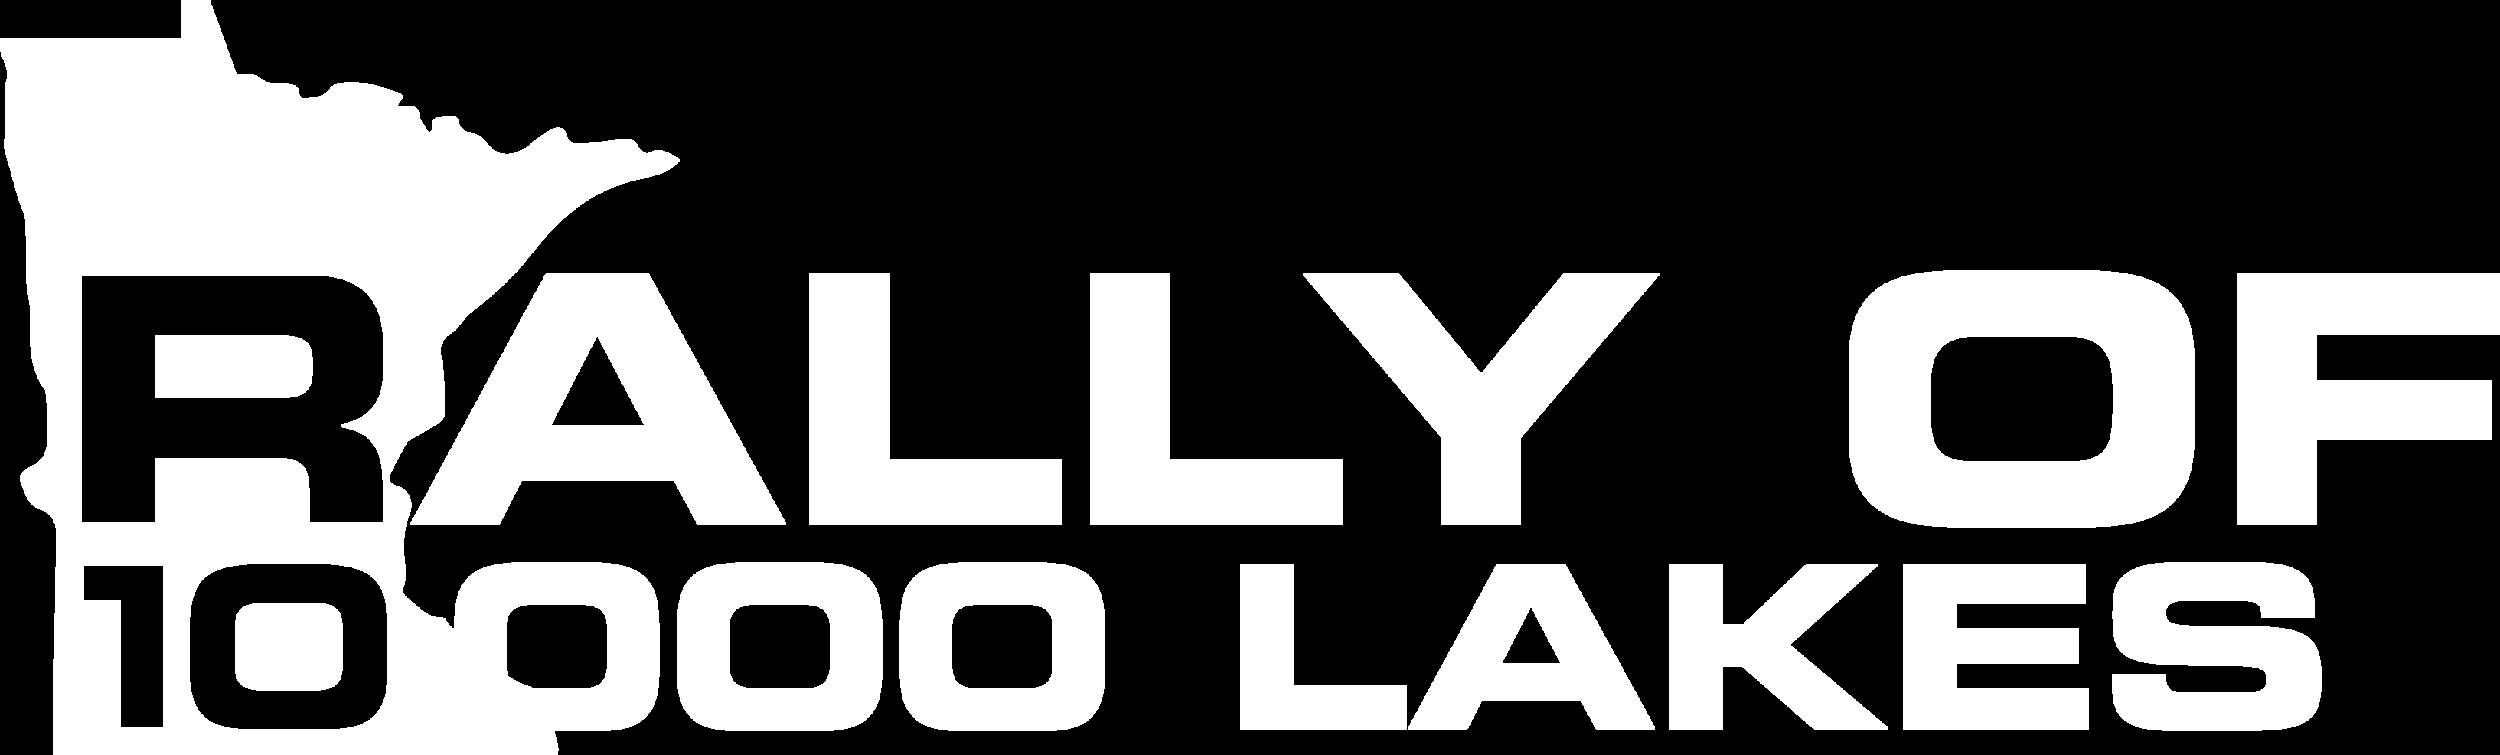 rallylogoW.png